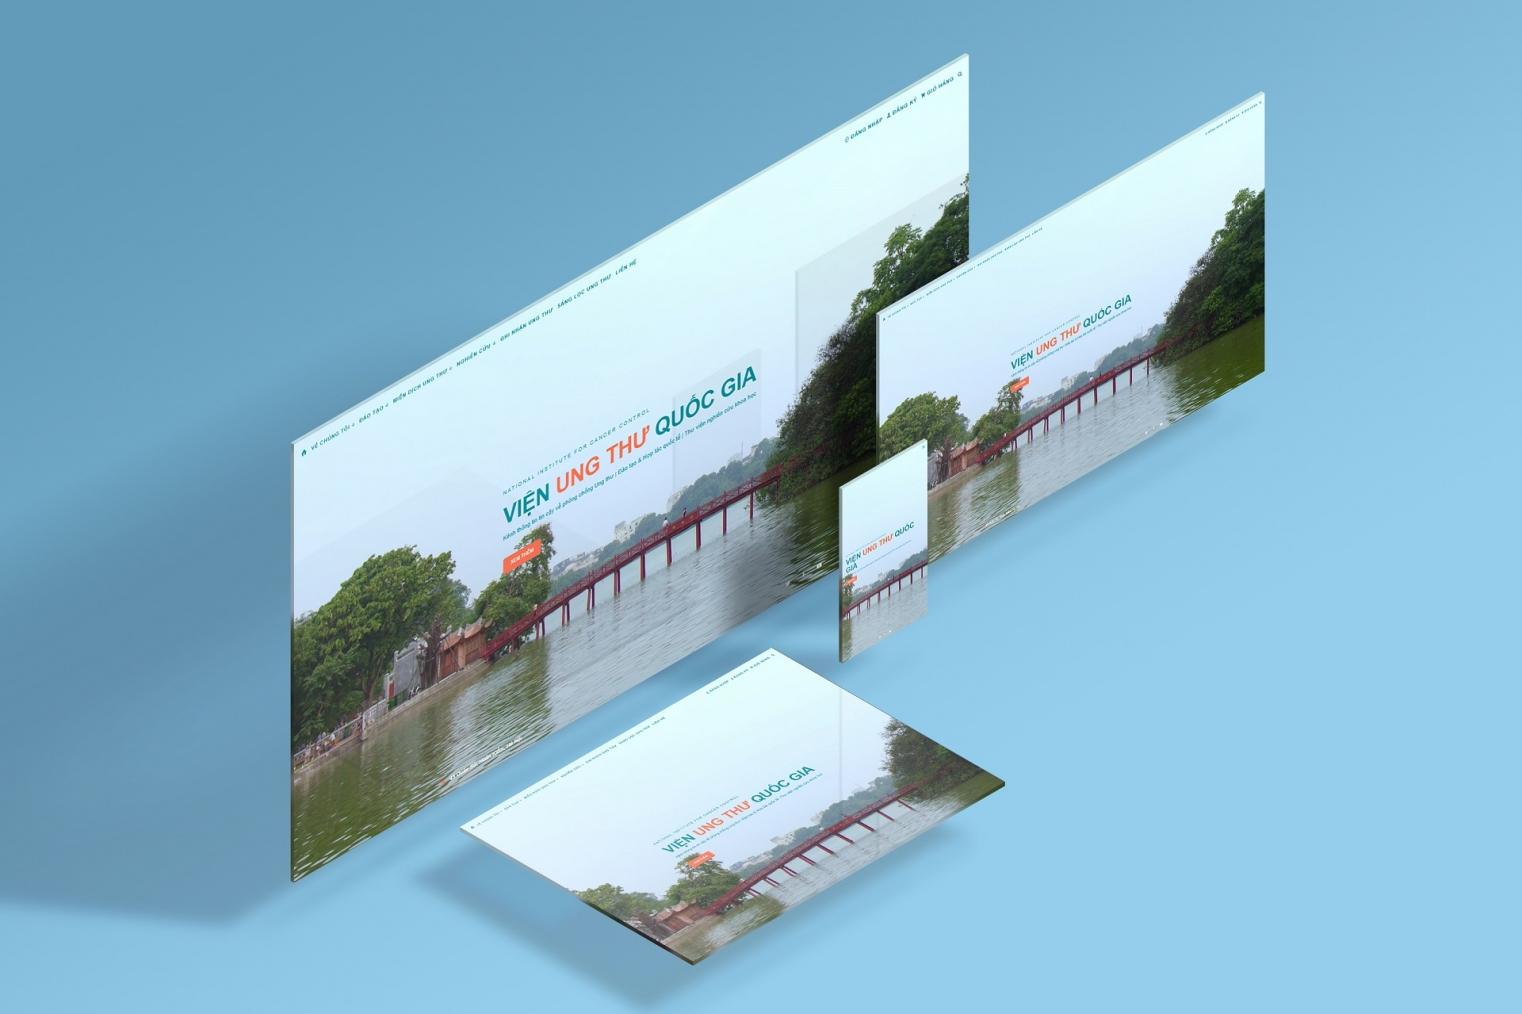 Thiết kế website giới thiệu Viện Ung thư Quốc gia và Đào tạo trực tuyến